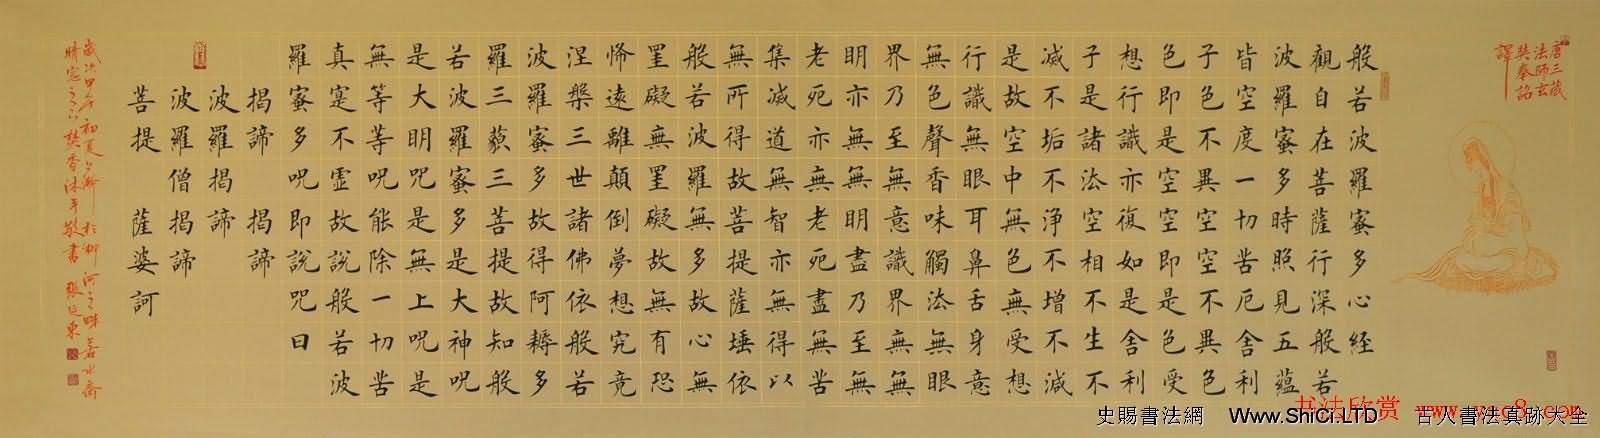 張延東書法手卷真跡欣賞《楷書心經》(共6張圖片)